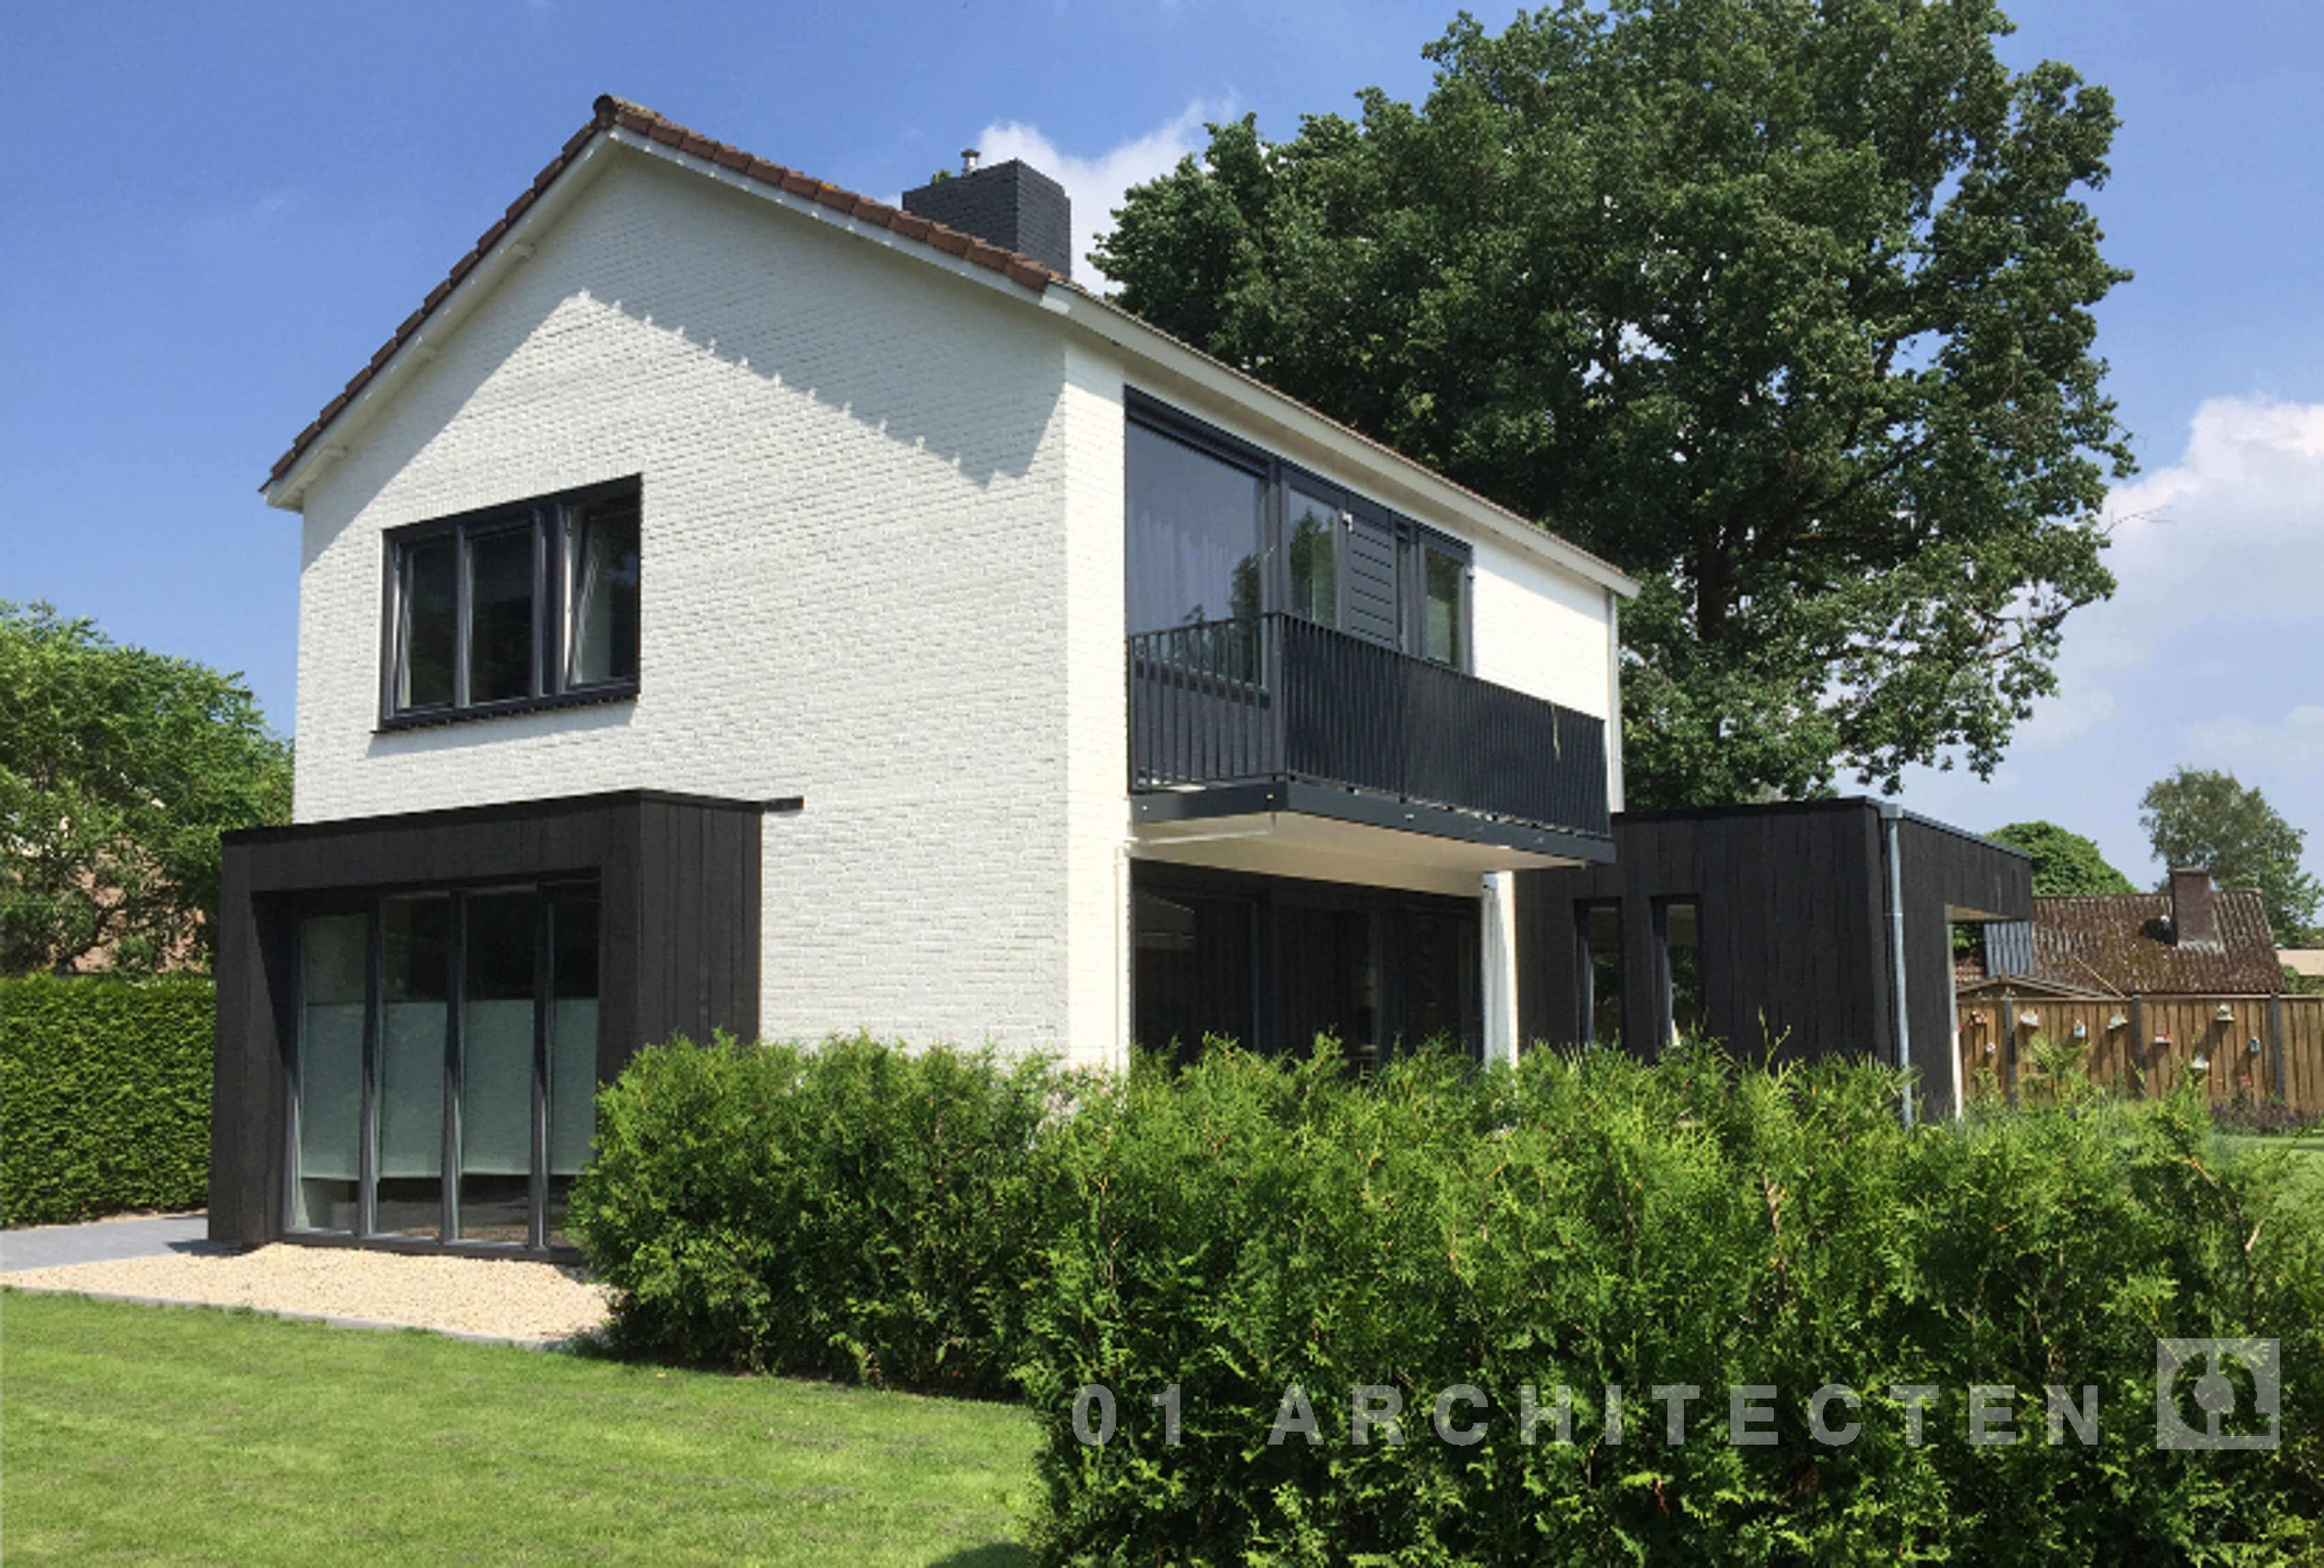 Huis Donker Hout : Verbouw van woningen en villas door 01 architecten